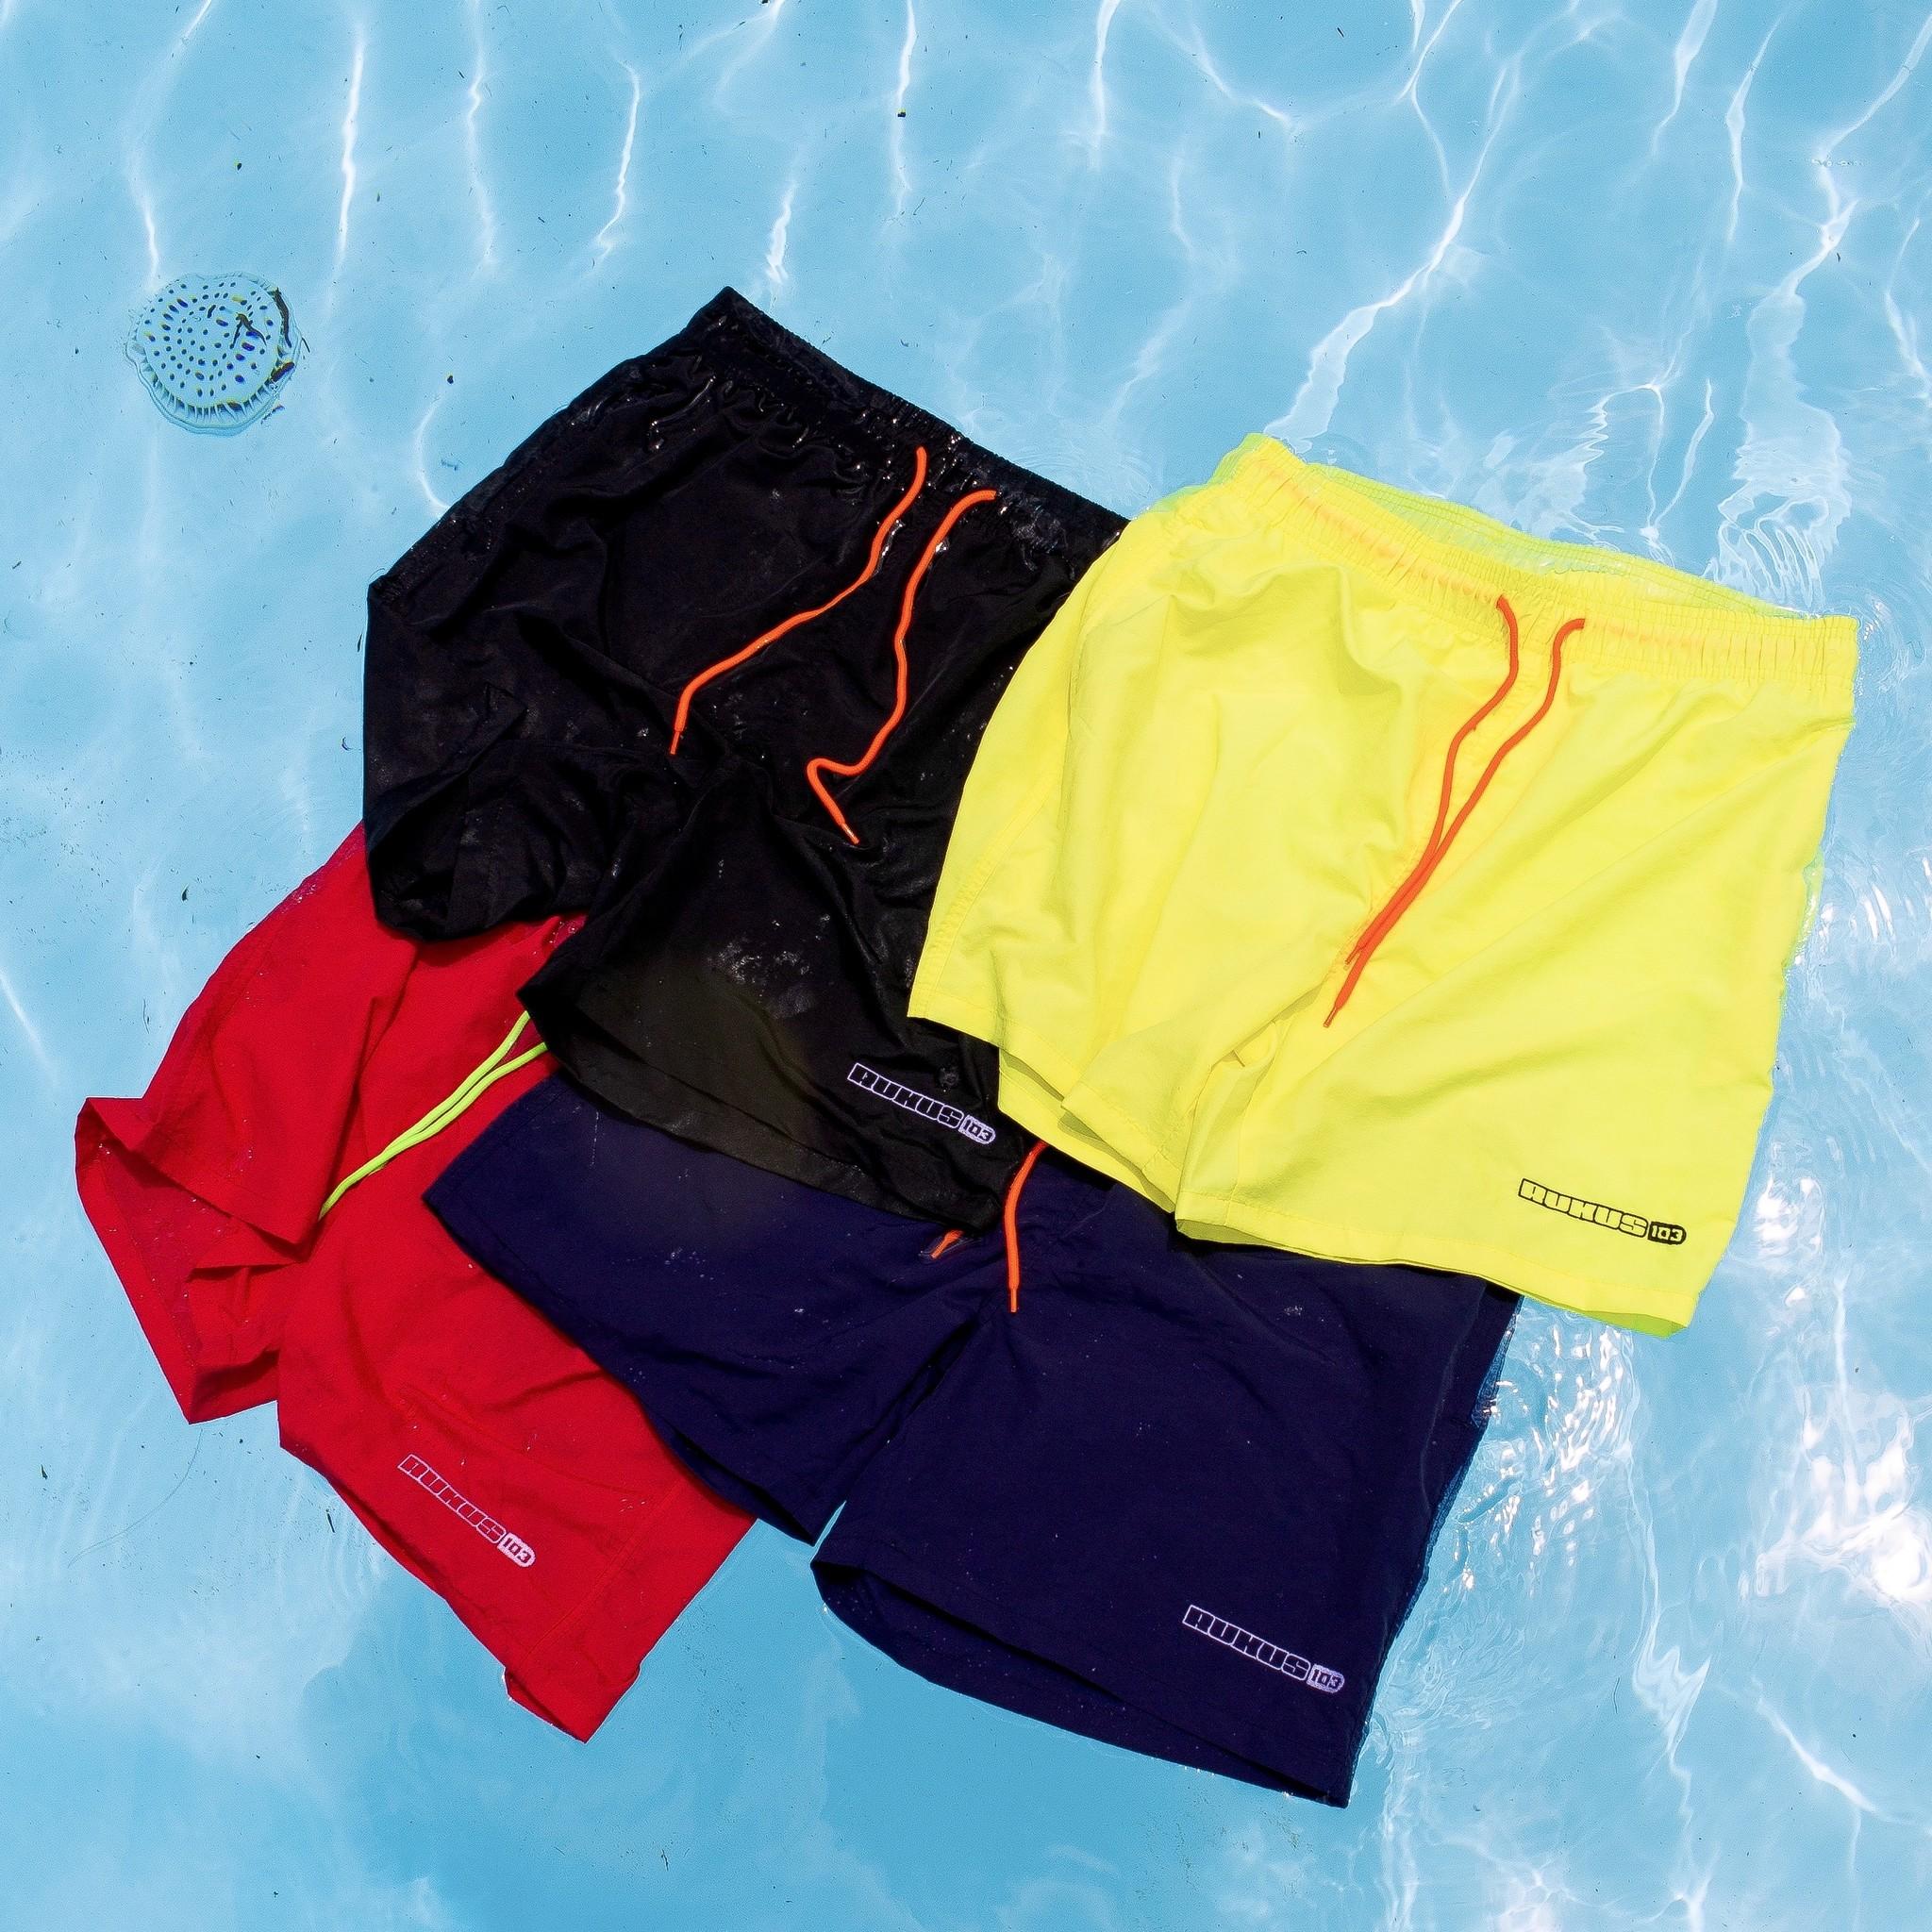 Rukus 103 Water Shorts